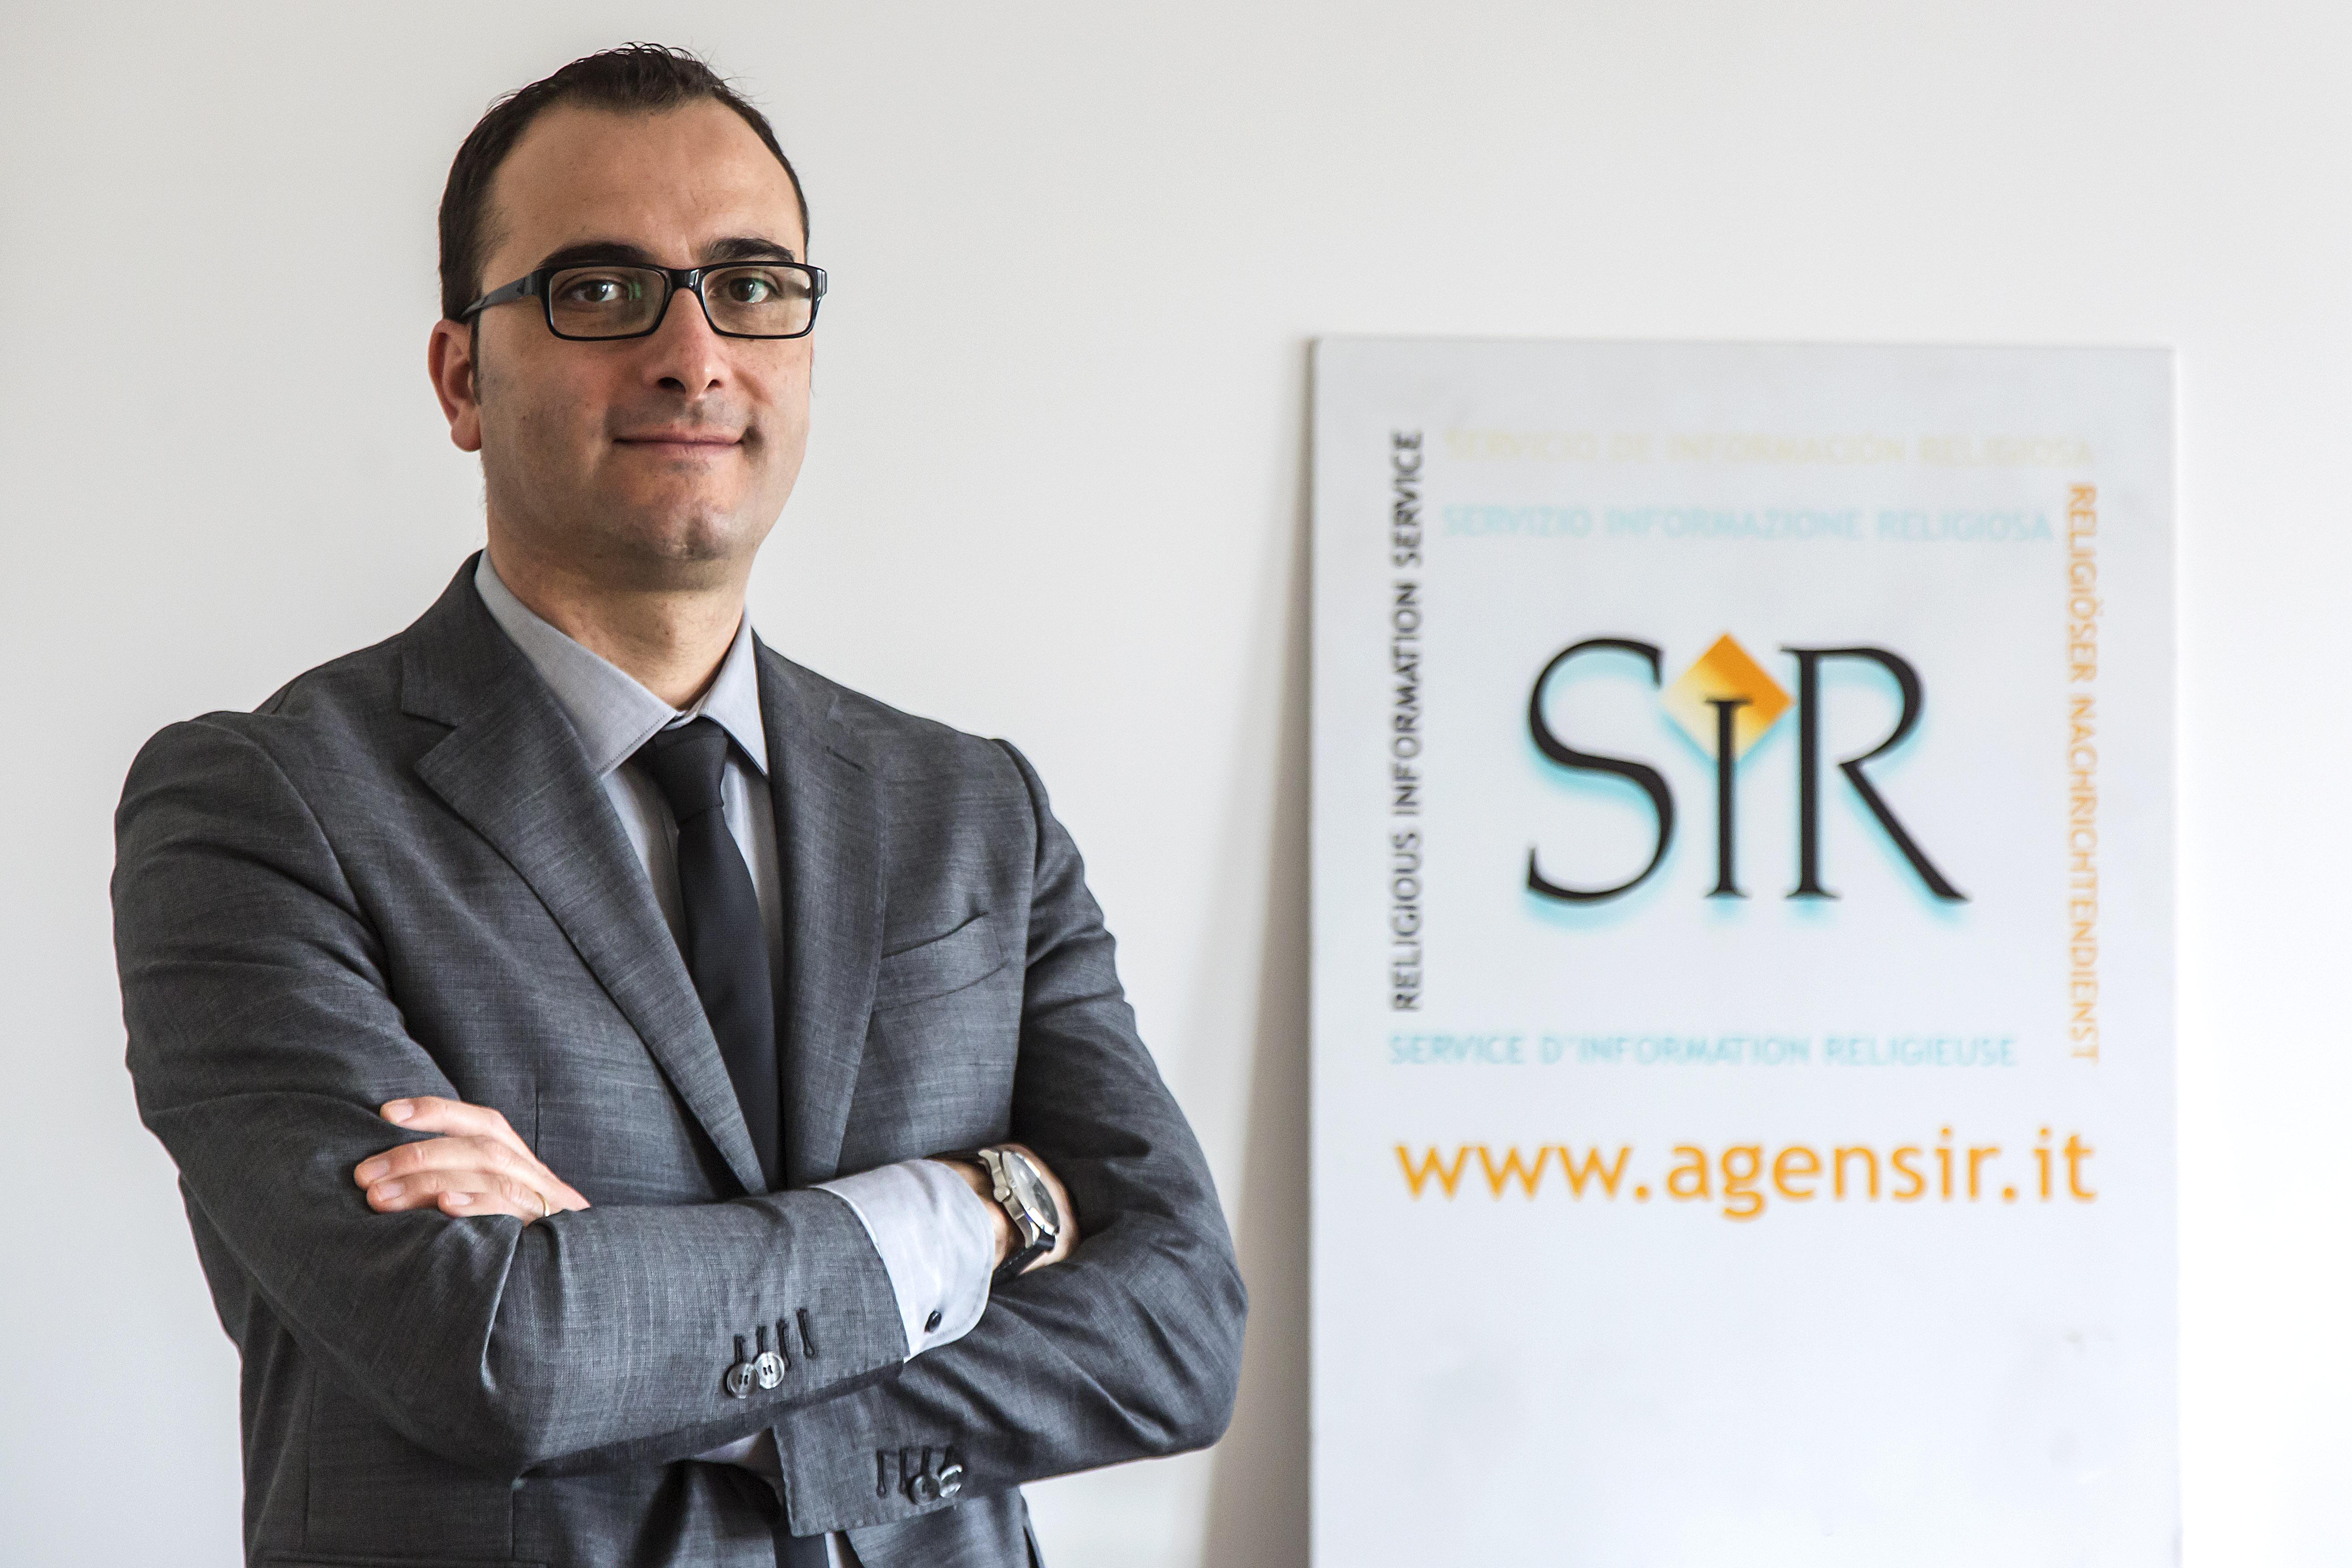 Il bilancio / Crescono gli accessi al sito dell'agenzia Sir: + 40% di visitatori